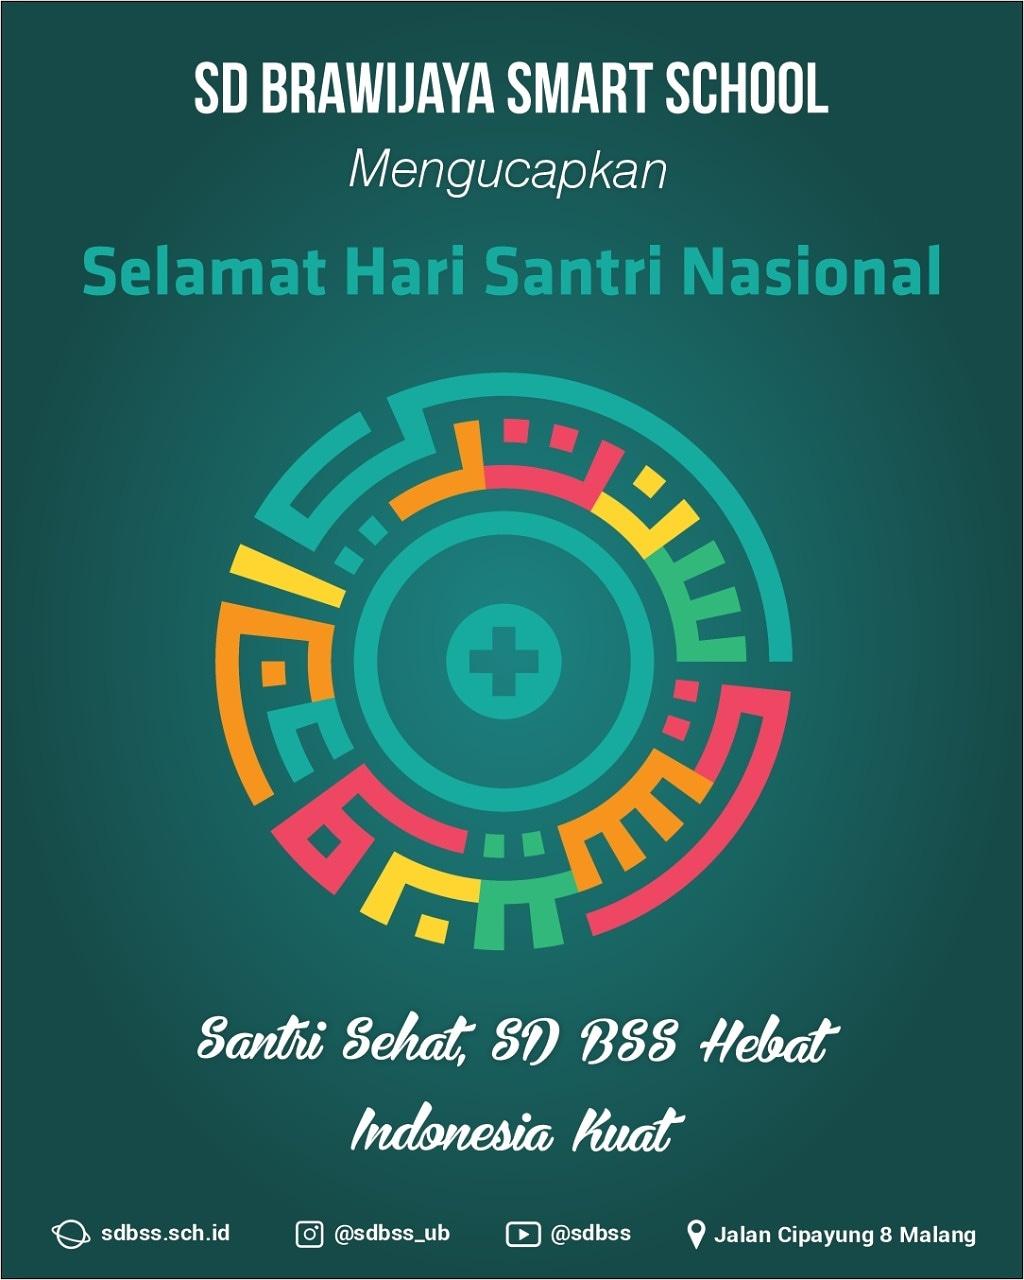 Selamat Hari Santri Nasional